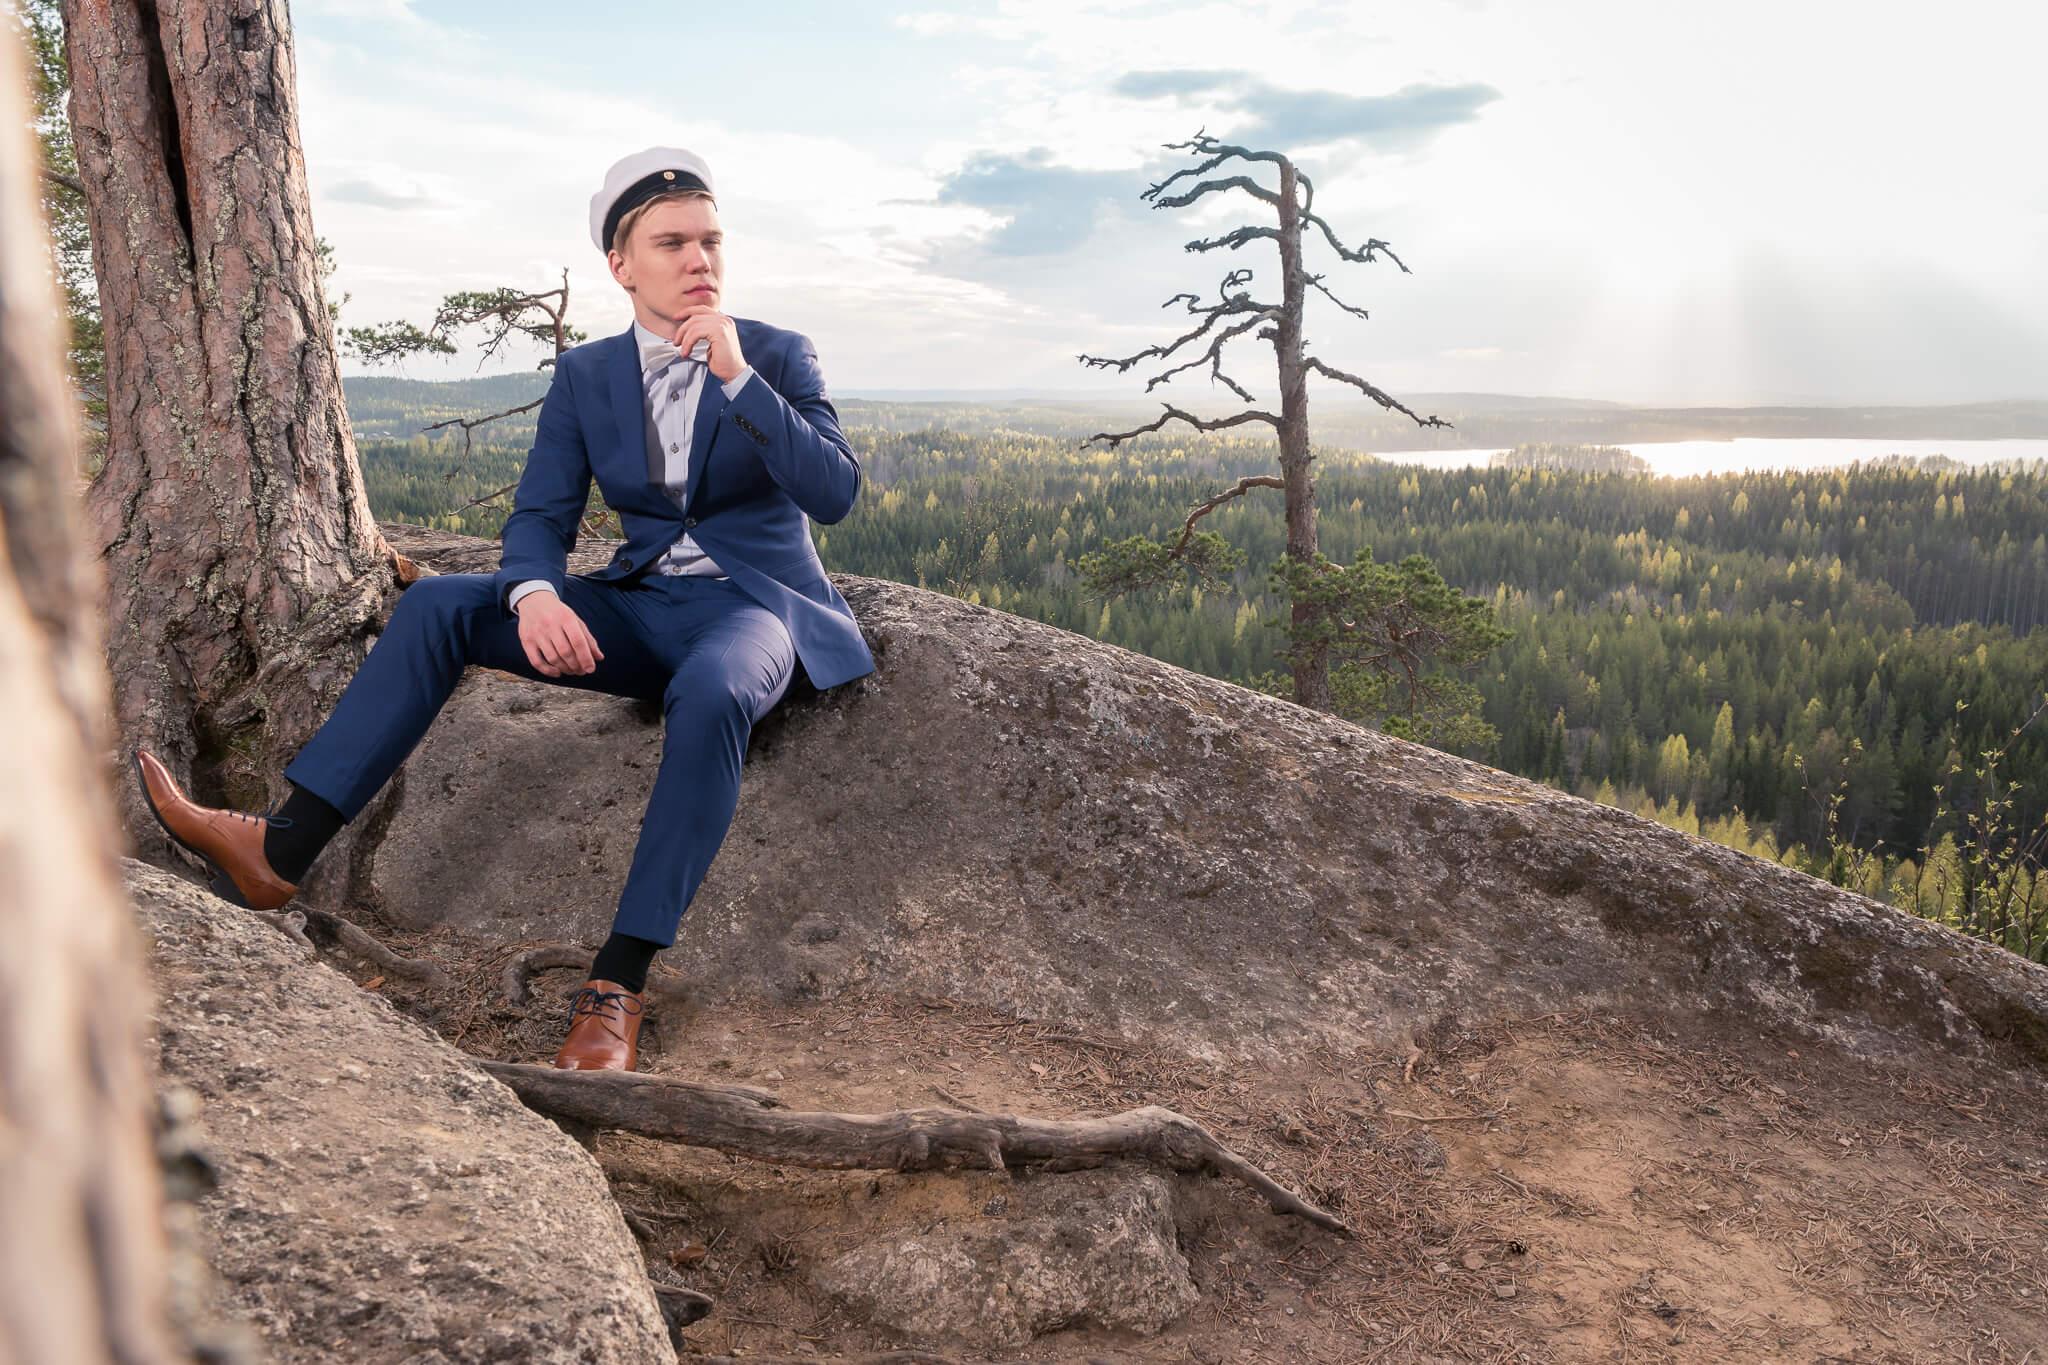 Valmistujaiskuva Jyväskylä - ylioppilaskuva